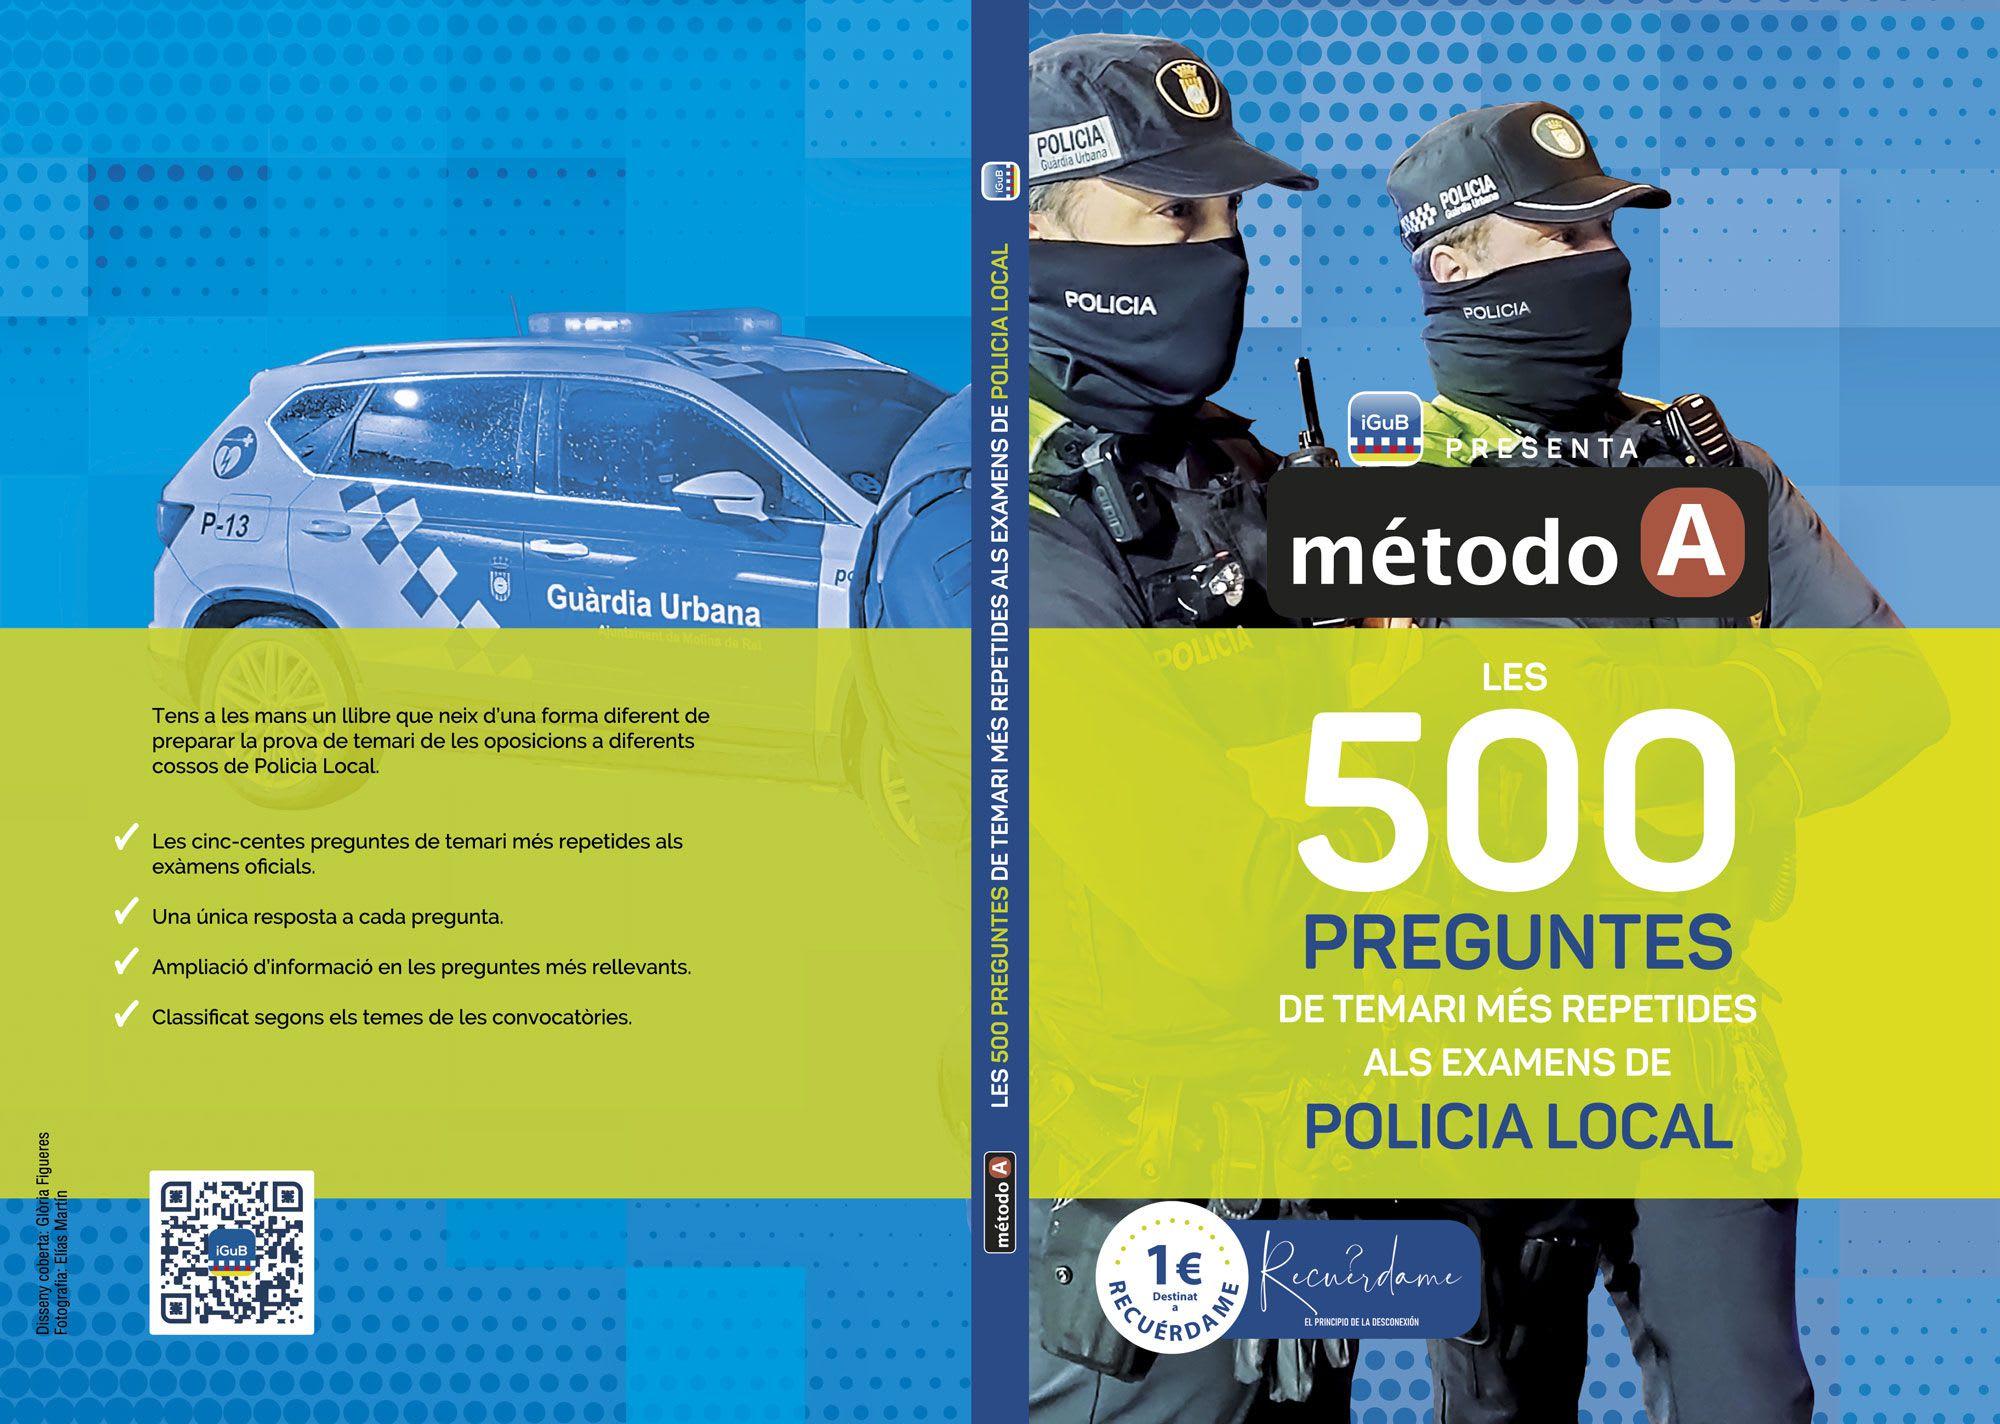 Les 500 preguntes de temari més repetides als examens de policia local